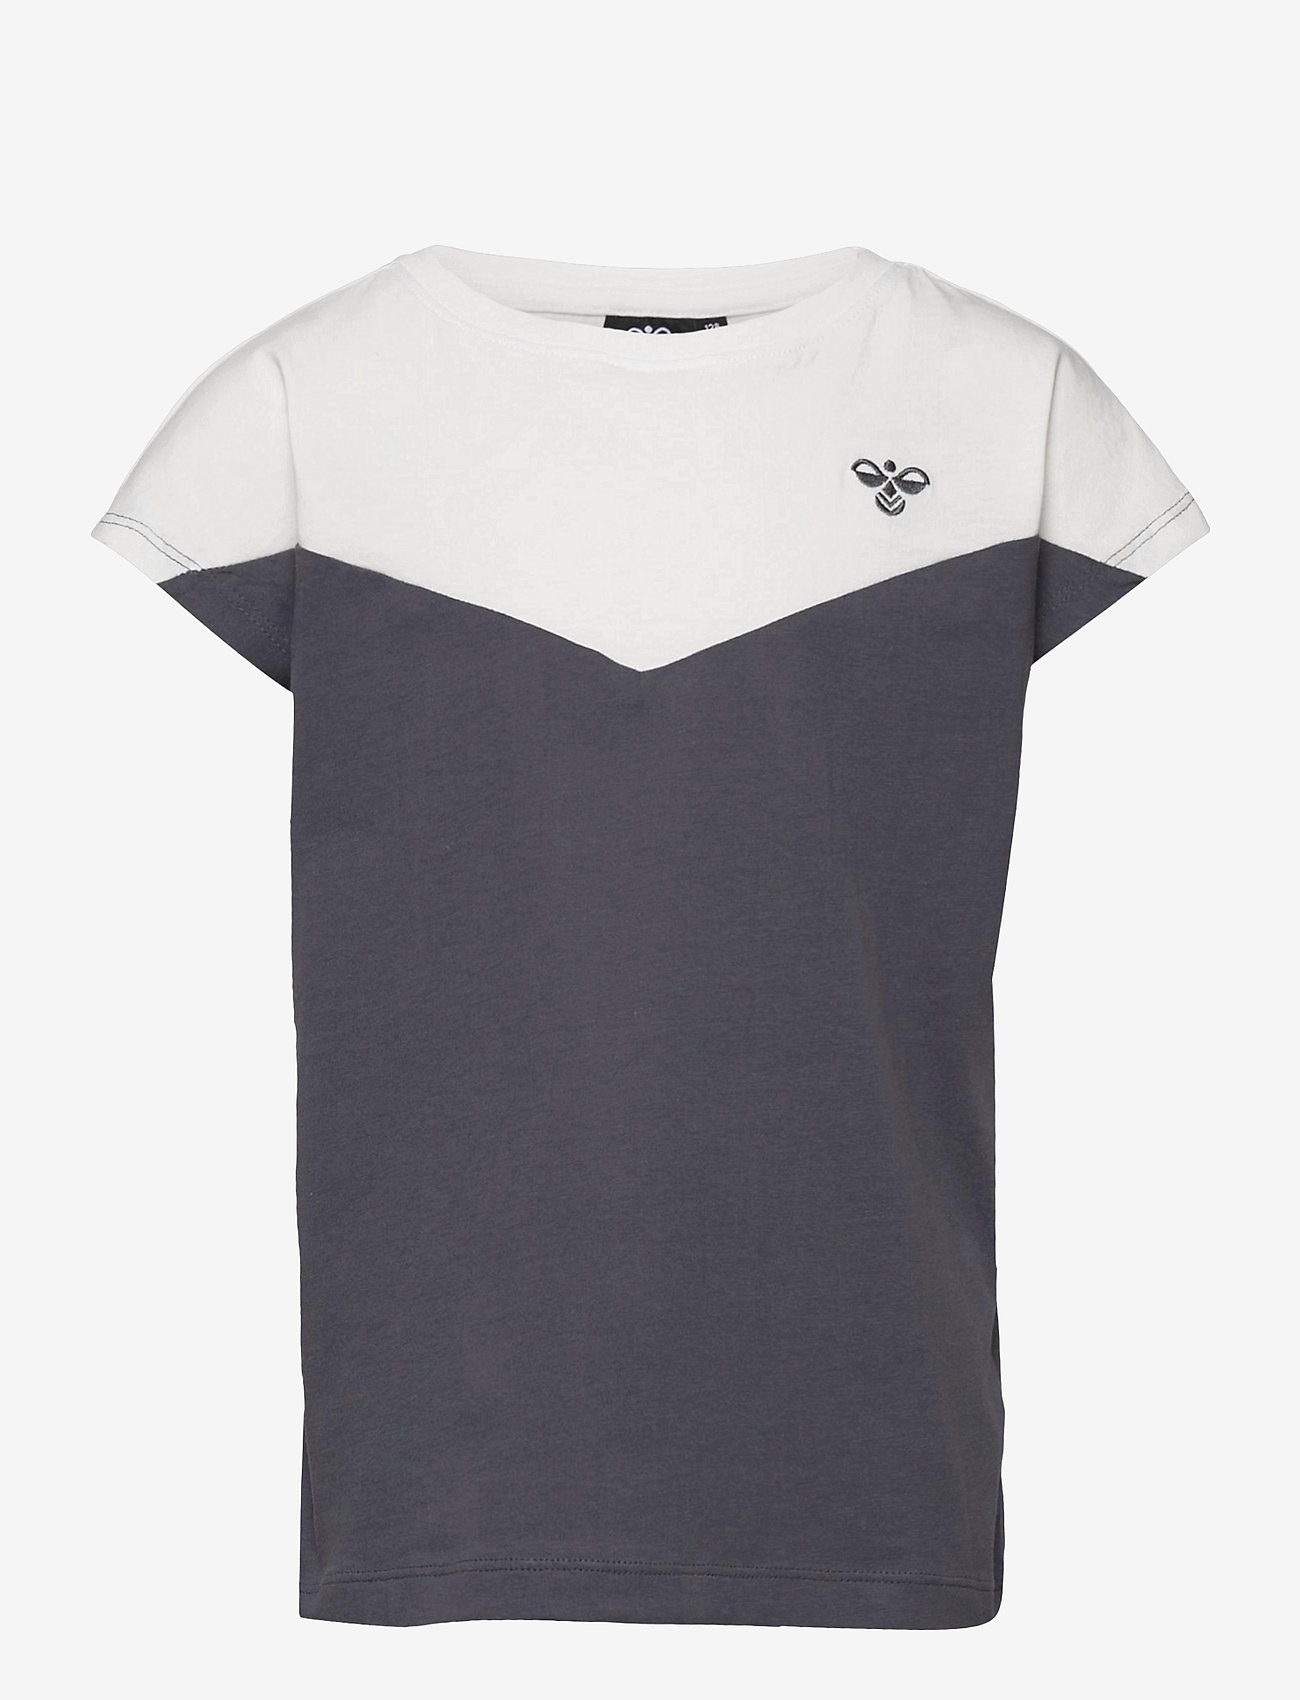 Hummel - hmlCIETE T-SHIRT S/S - short-sleeved - ombre blue - 0